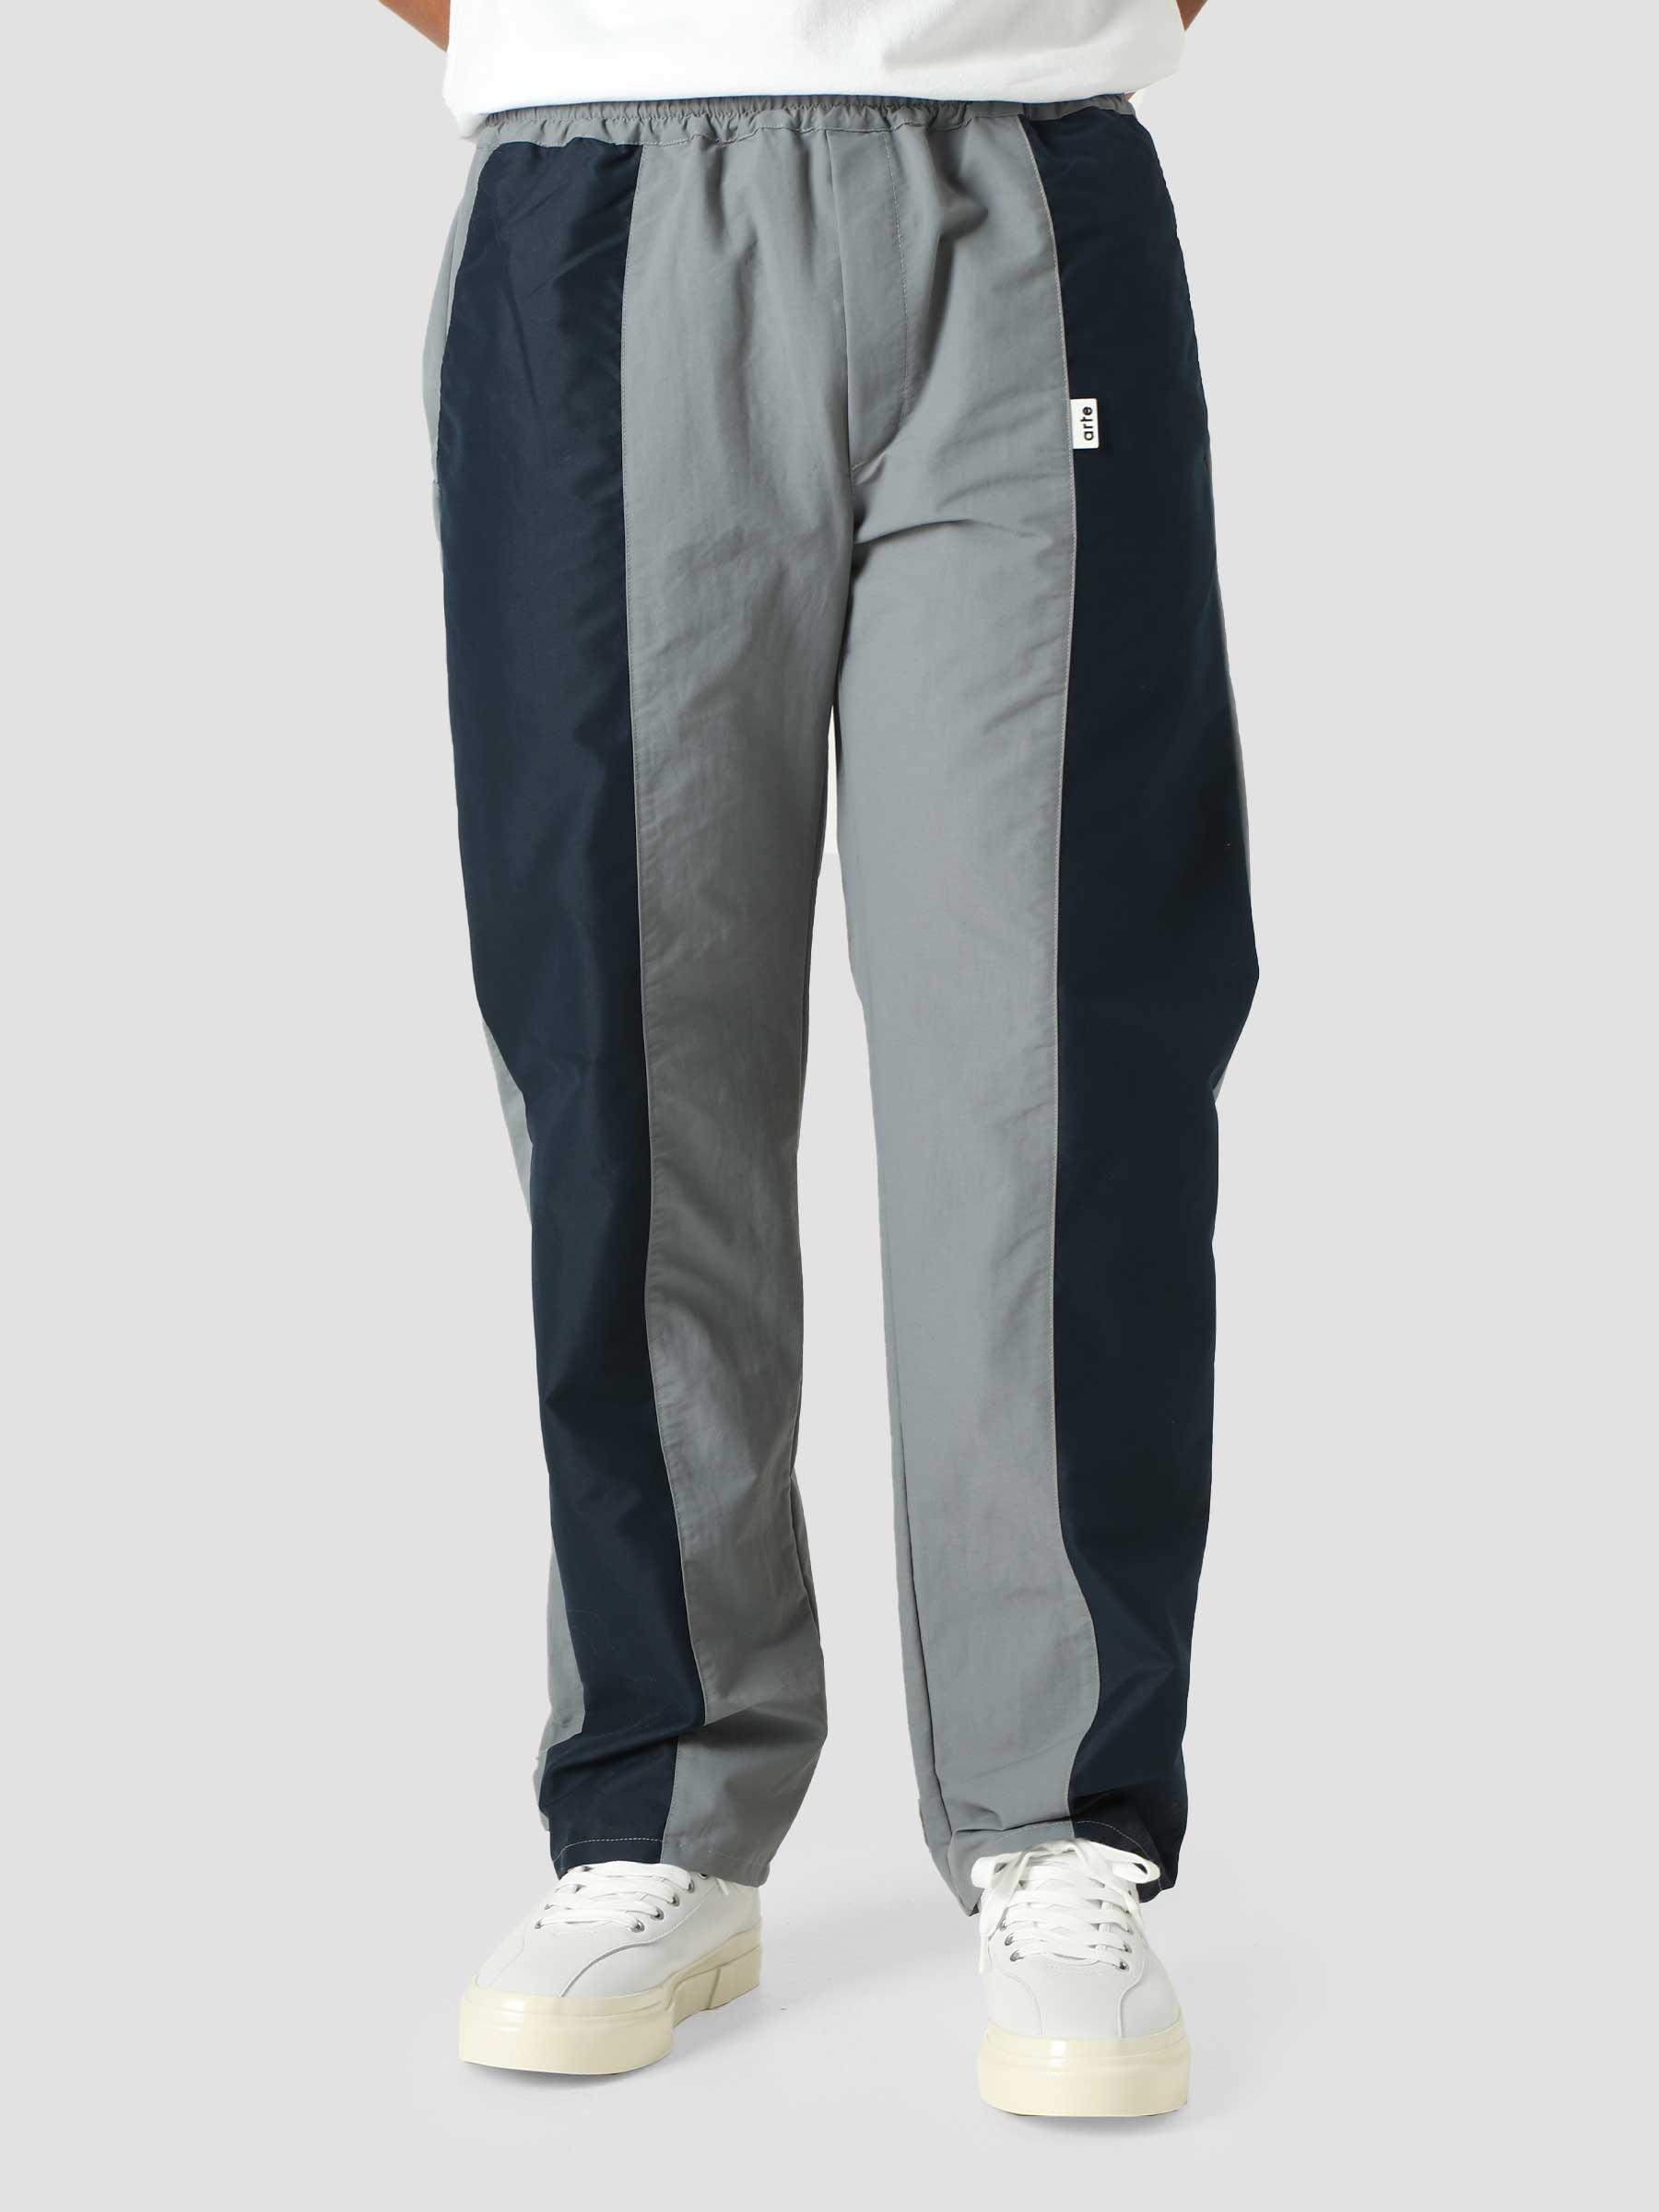 Jaden Pants Pants Grey Navy AW21-074P